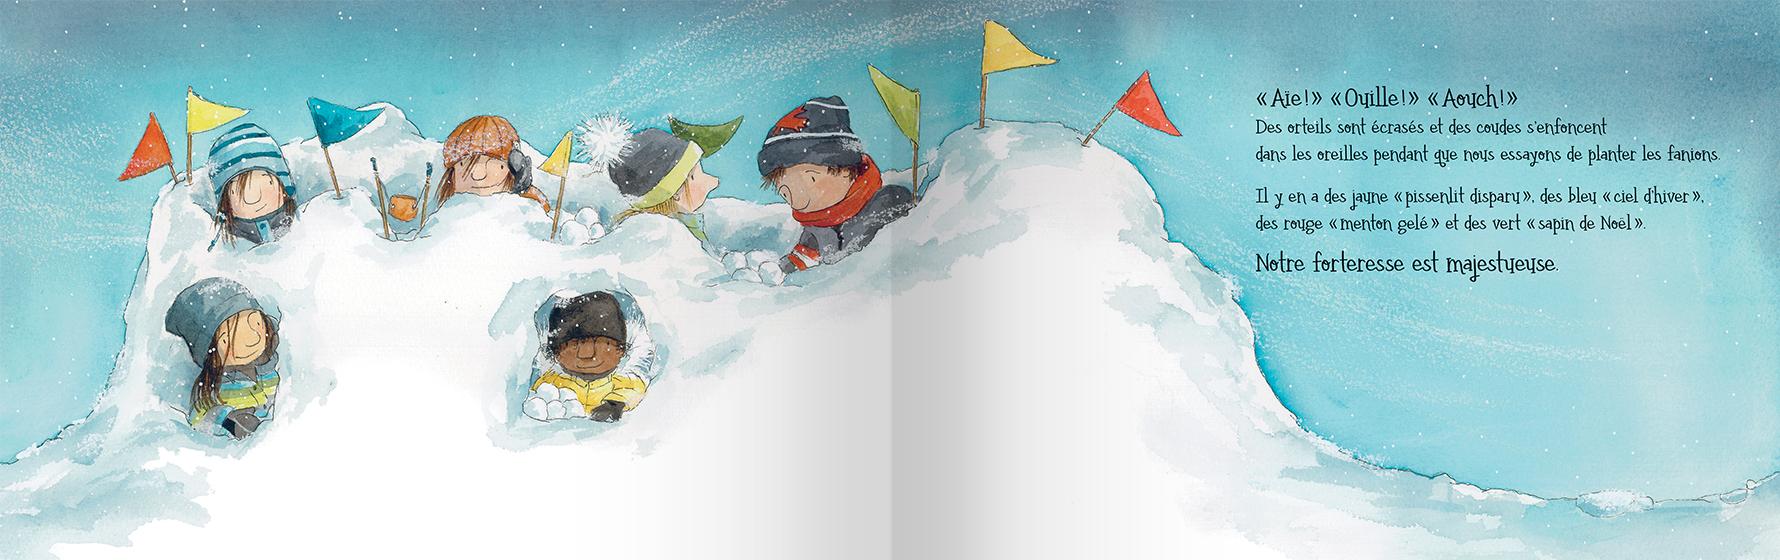 Page intérieure du livre La ruelle d'hiver